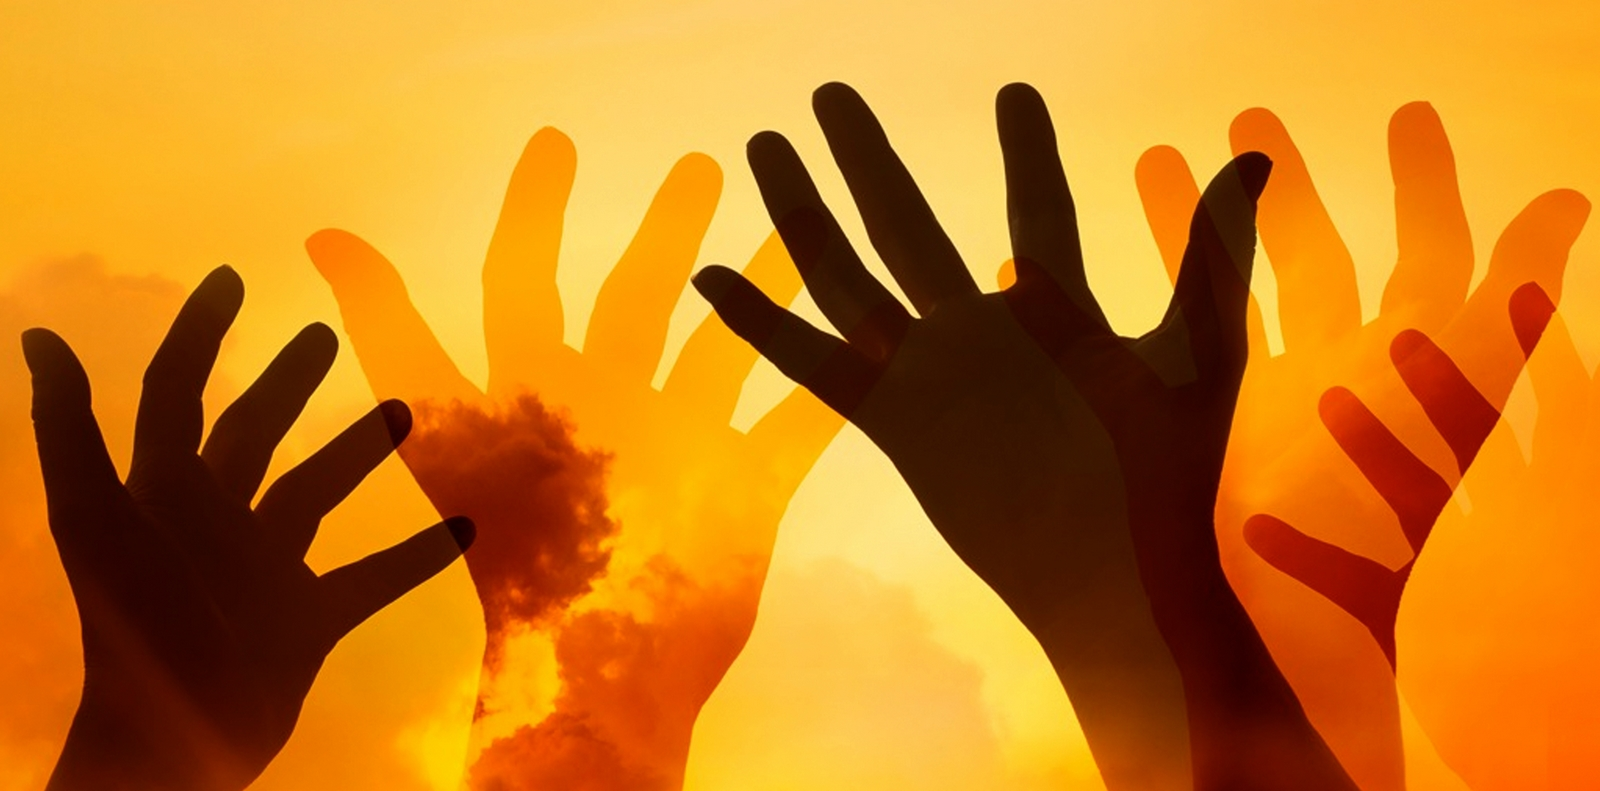 ¿Qué es el Bautismo en el Espíritu Santo? [Carismático]